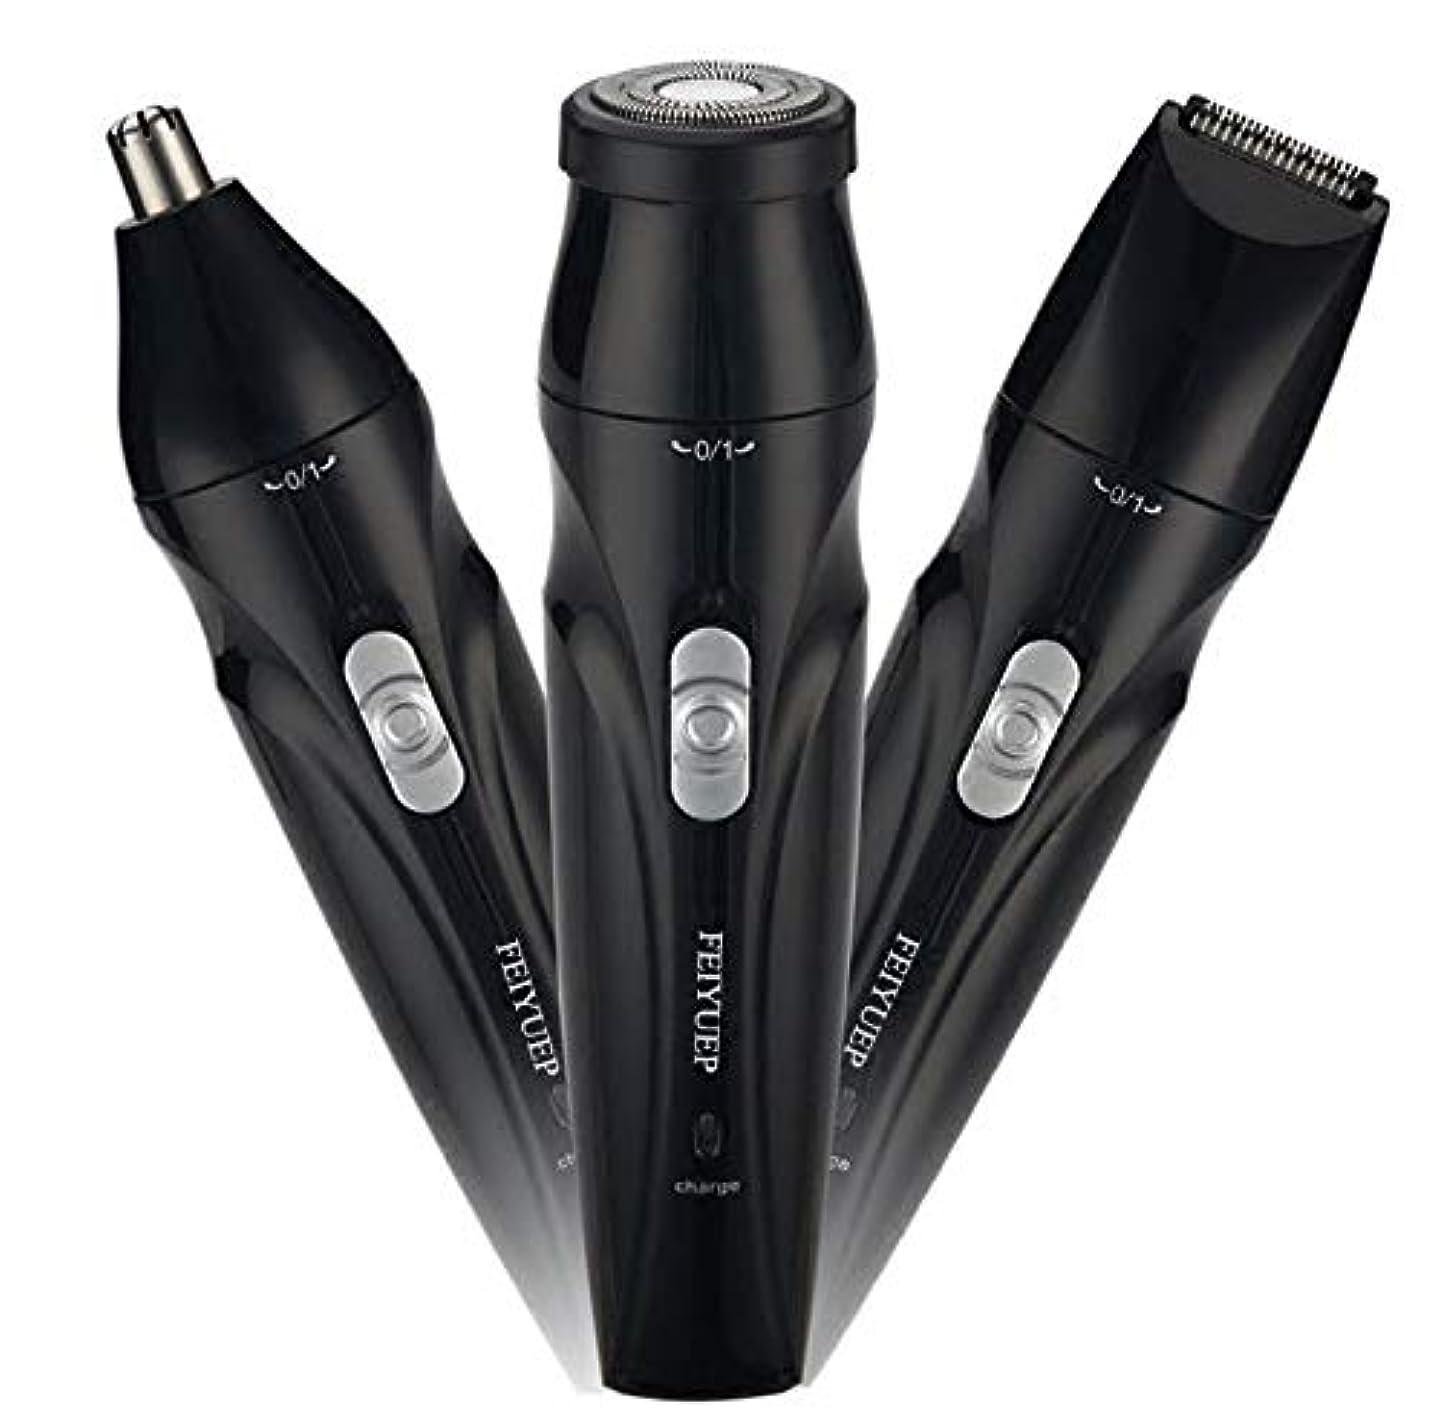 メトリック医療の荒れ地Broadwatch 多機能電気シェーバー 髭剃り/鼻毛カッター/トリマー(もみあげや眉毛などに) USB充電式 小型 軽量 携帯用